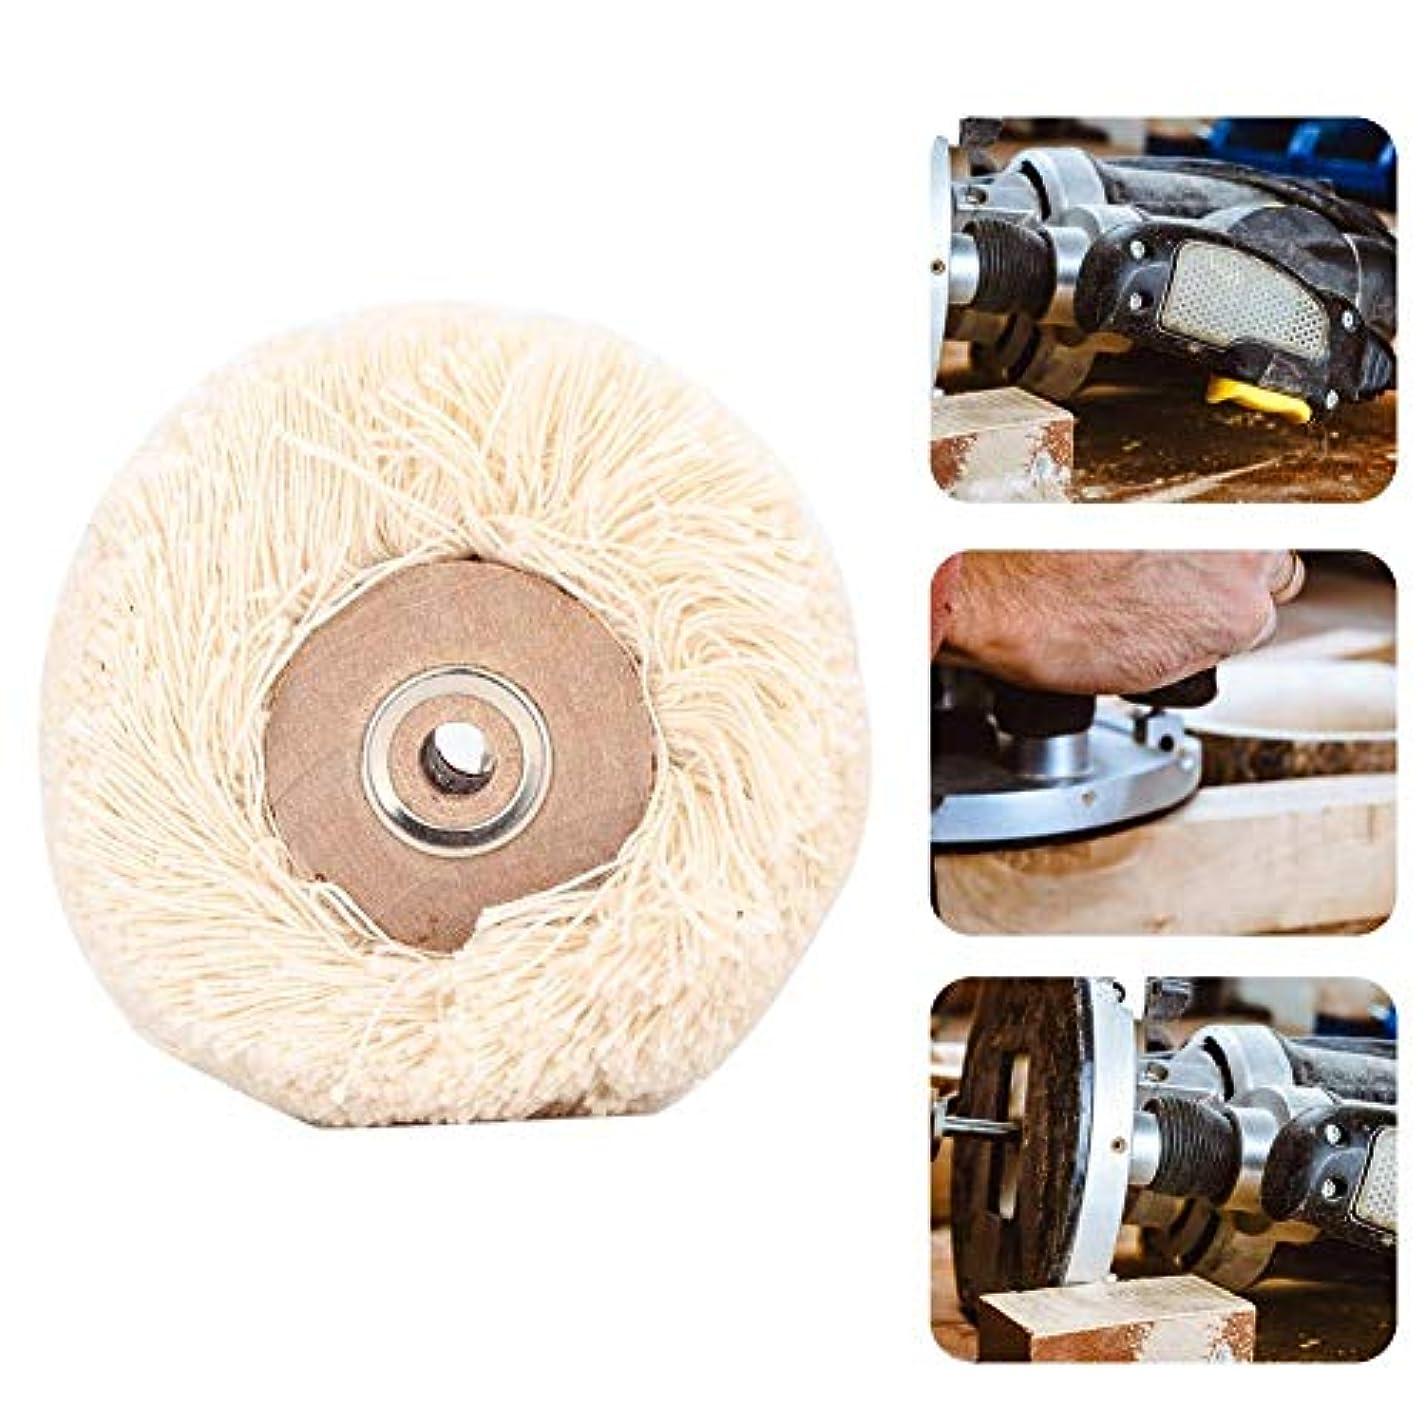 風責任黒研磨ヘッド 回転工具 研磨ドリルグラインダーホイールブラシジュエリー研磨工具(M)